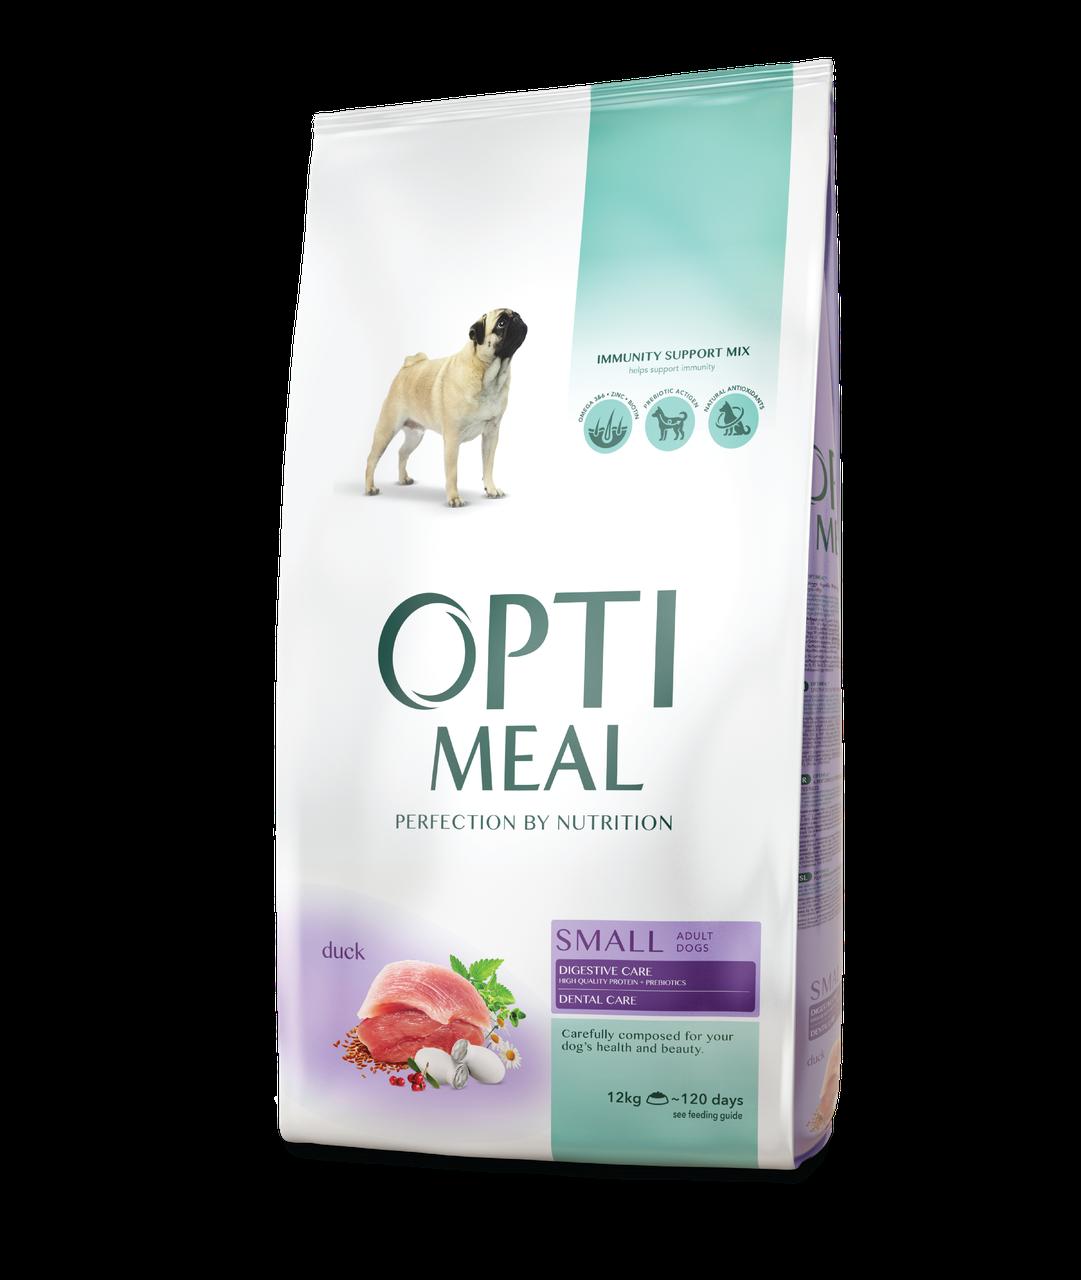 Сухий корм для дорослих собак великих порід Курка 12 кг OPTIMEAL ОПТИМИЛ